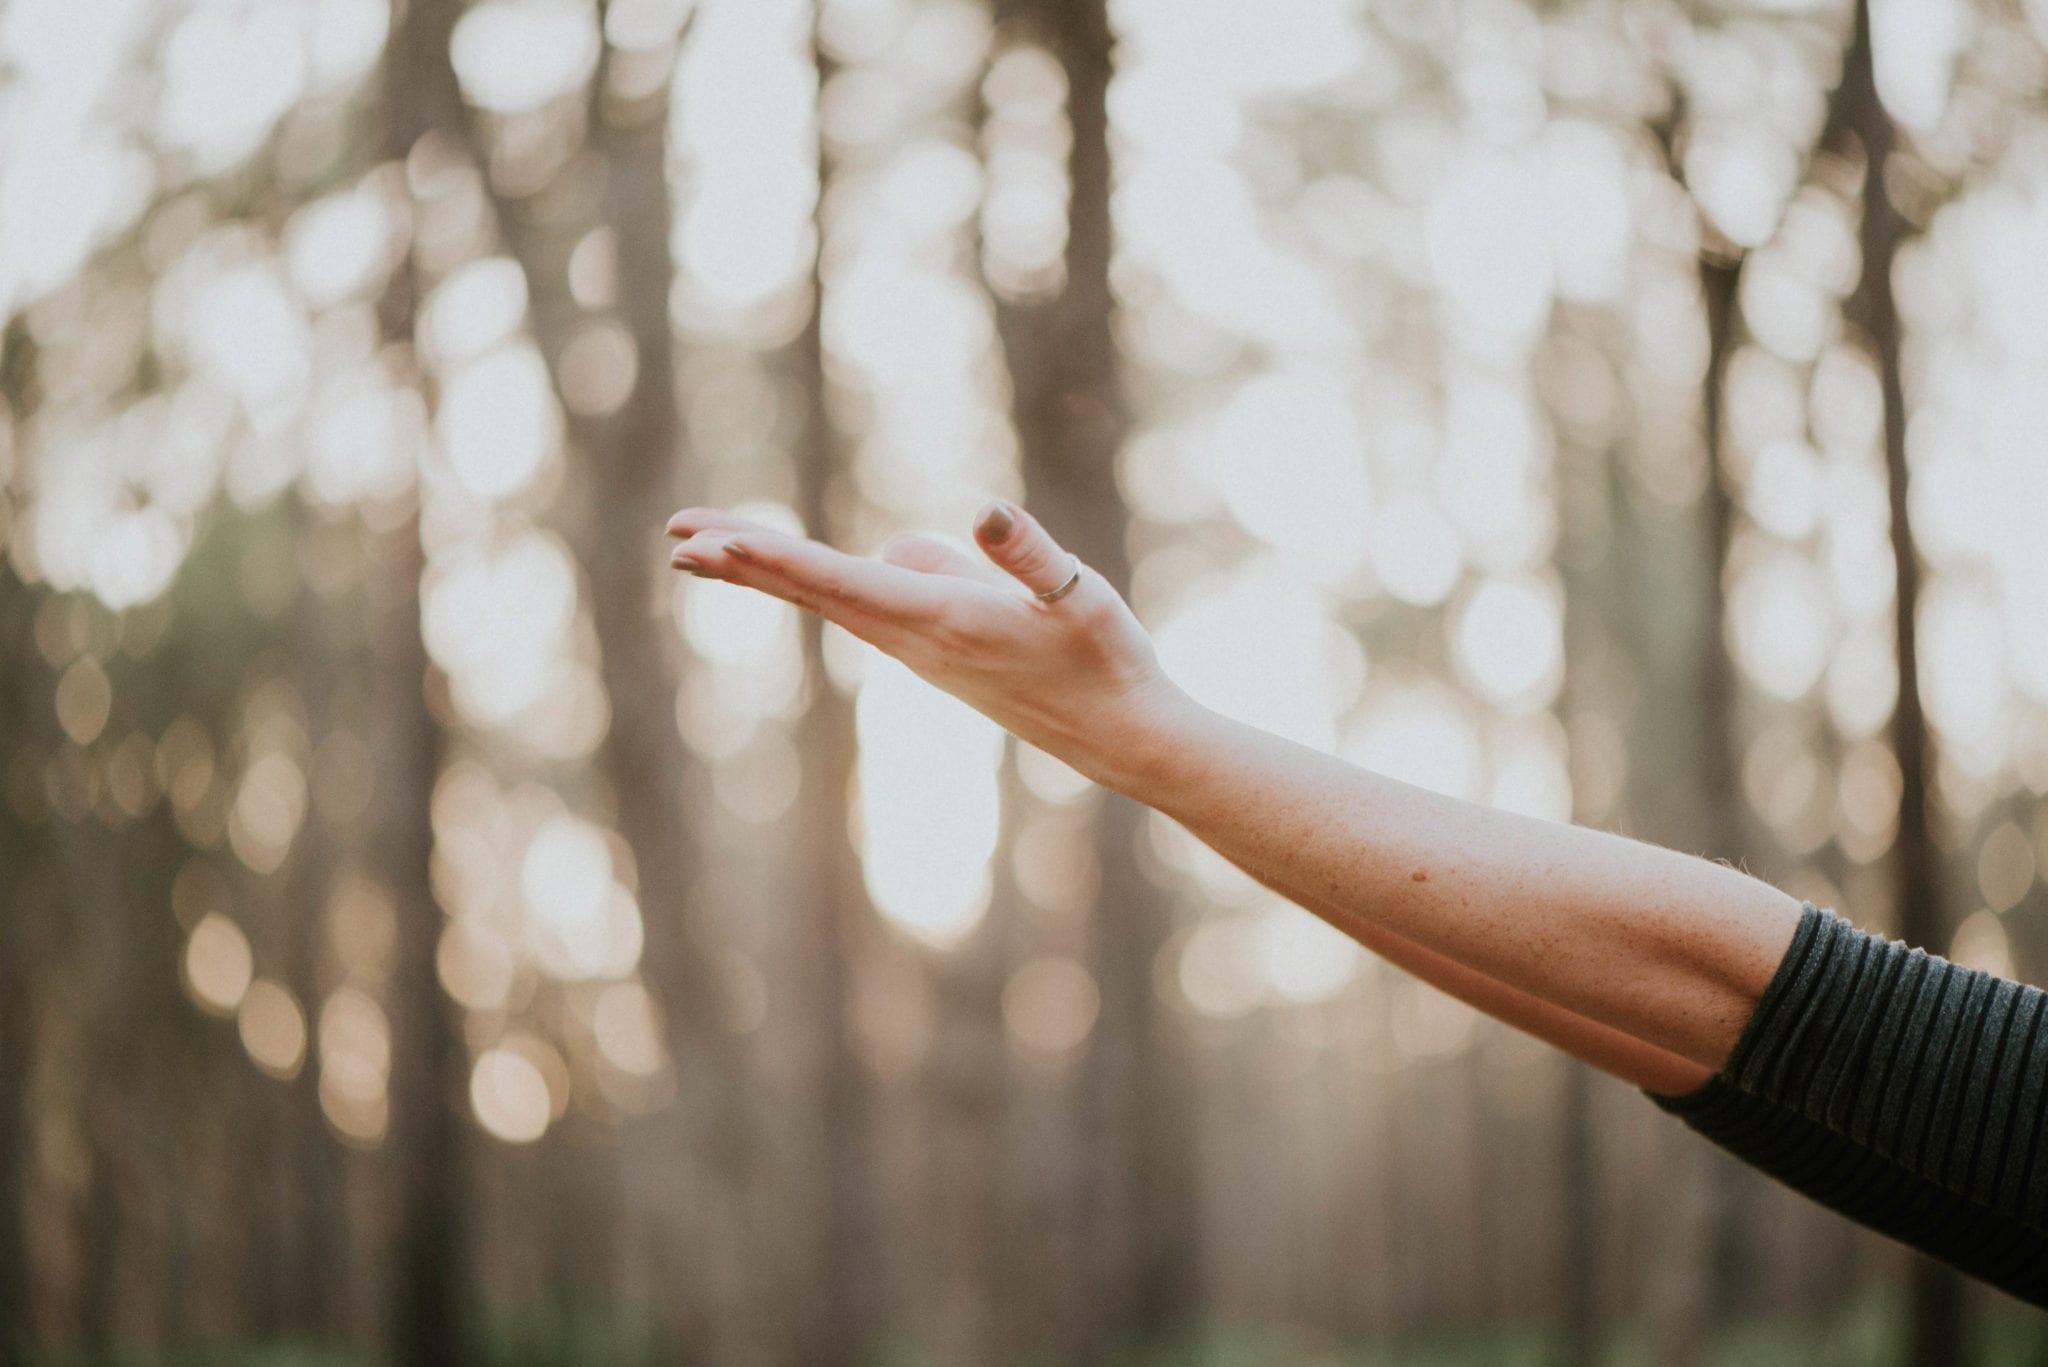 Utstrekte hender kan symbolisere velvære